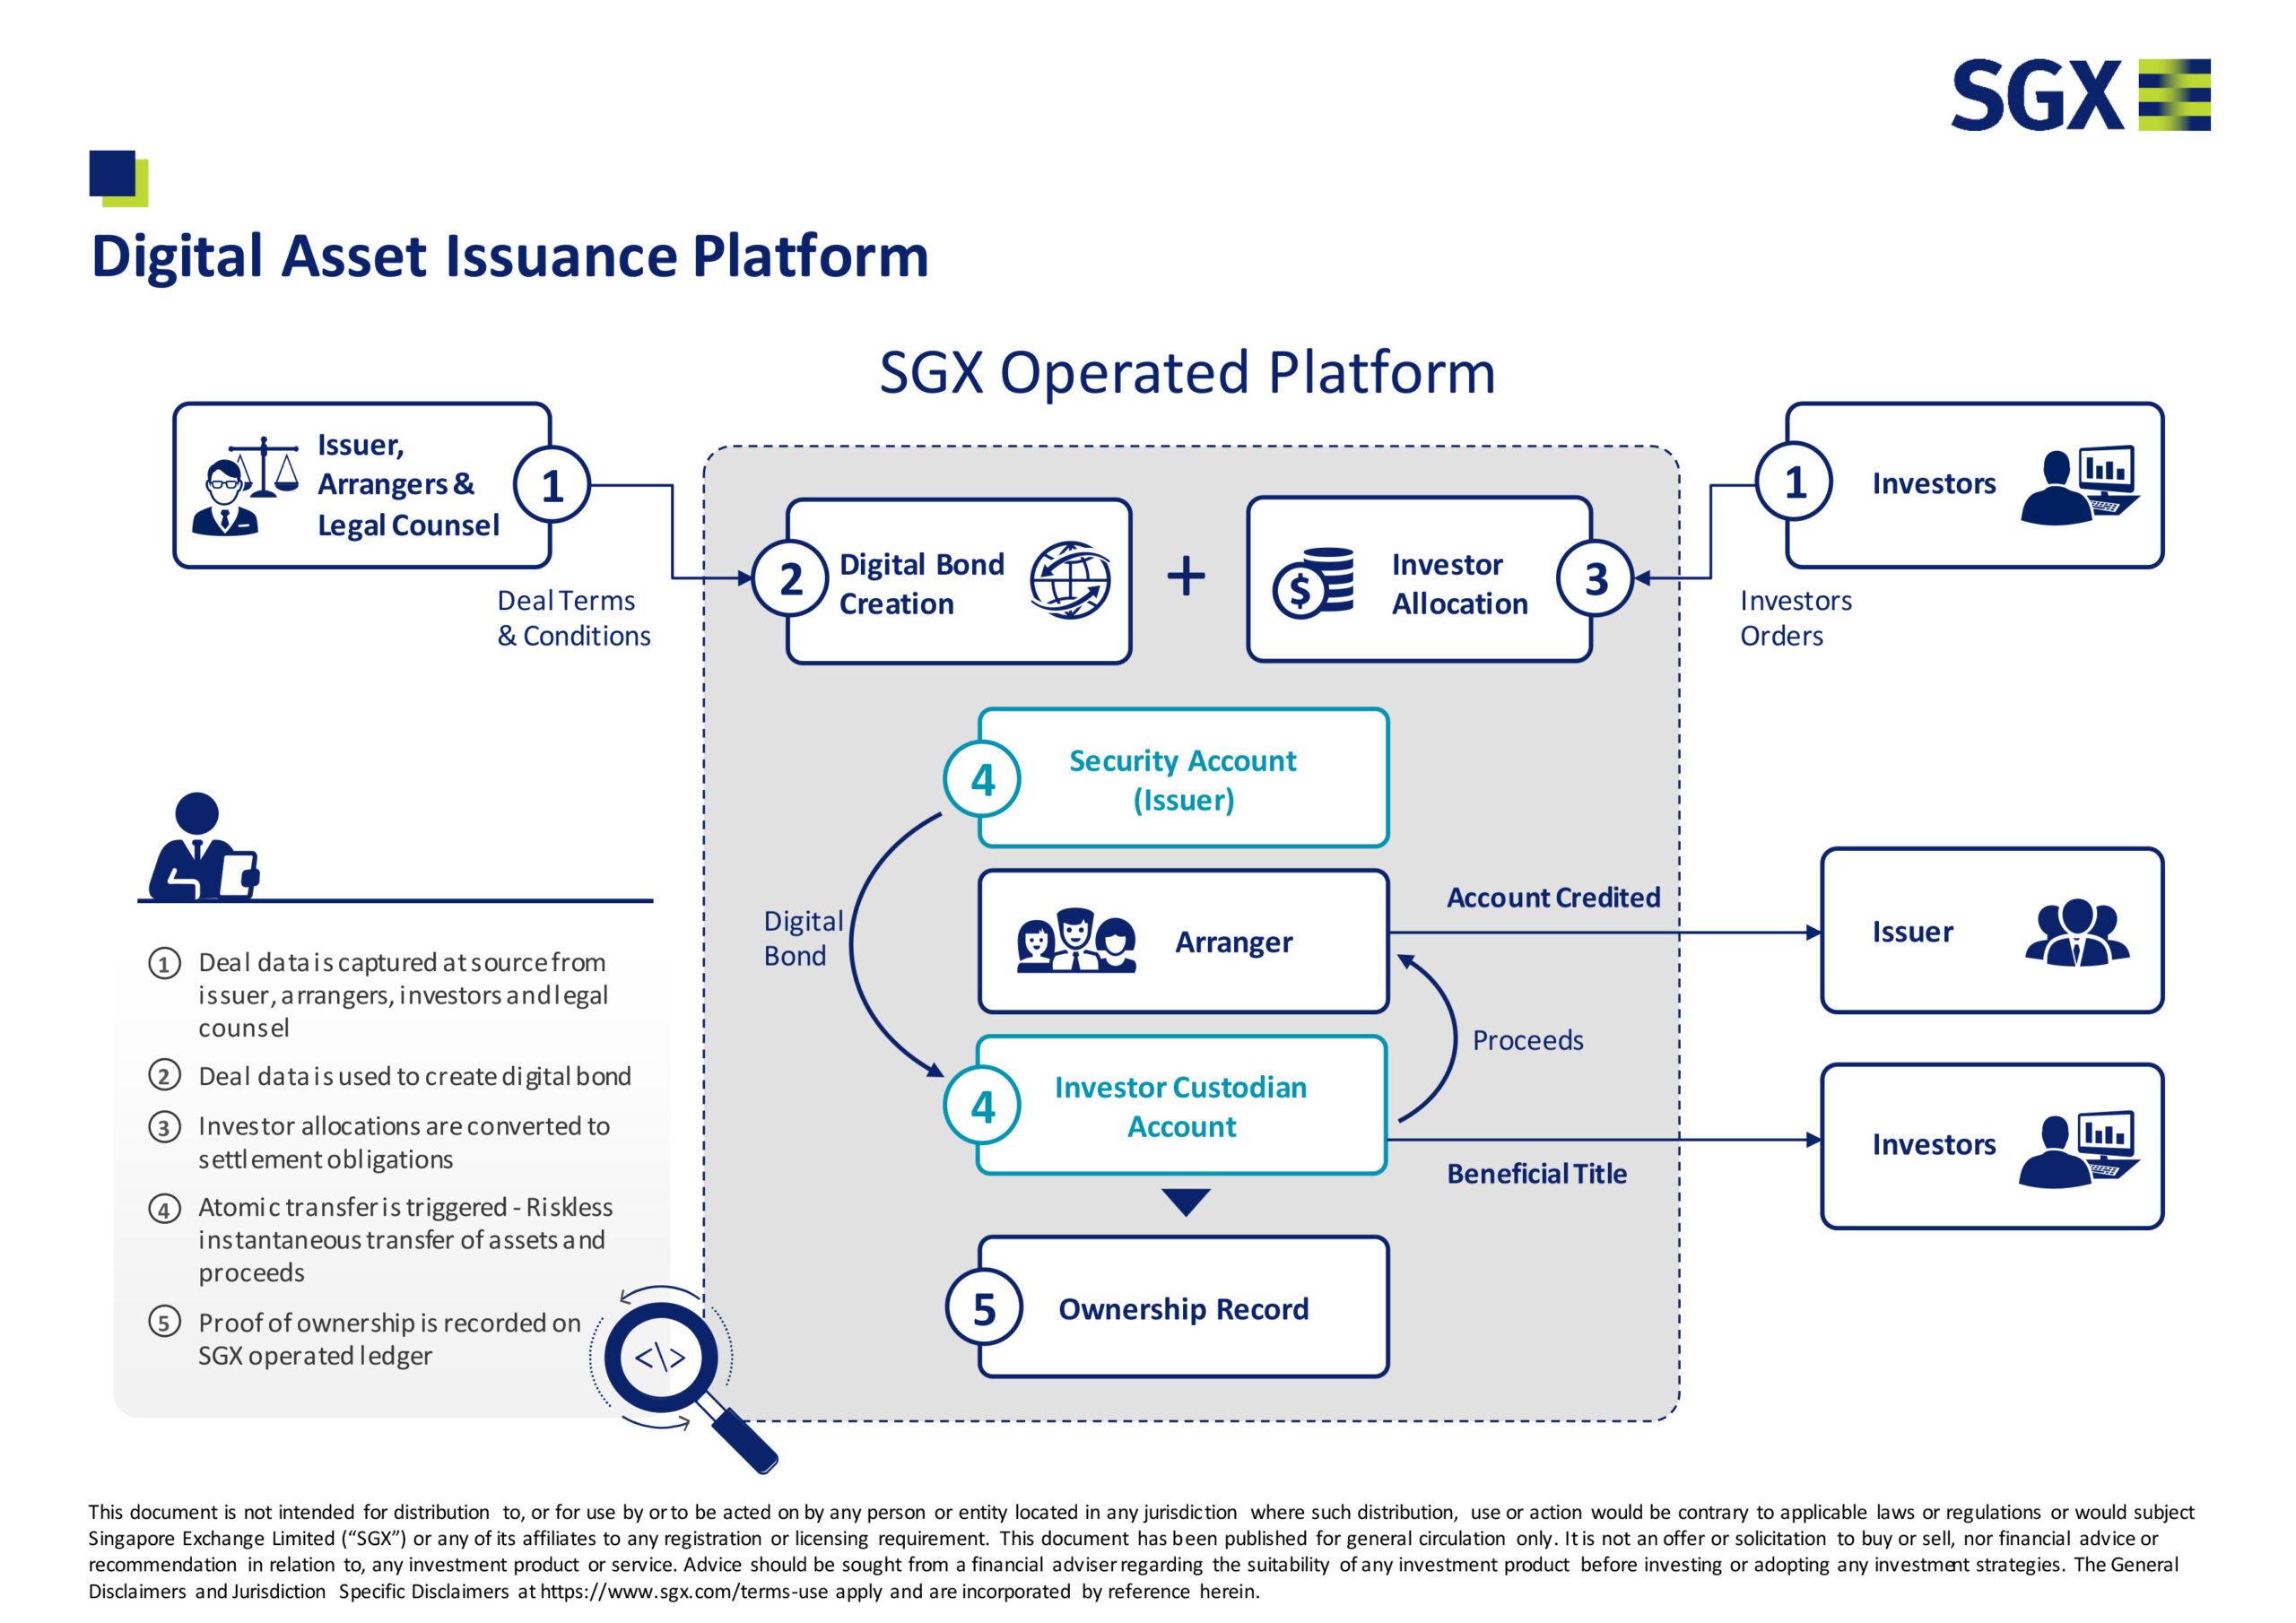 Digital Asset Issuance Platform, Illustration via SGX.com